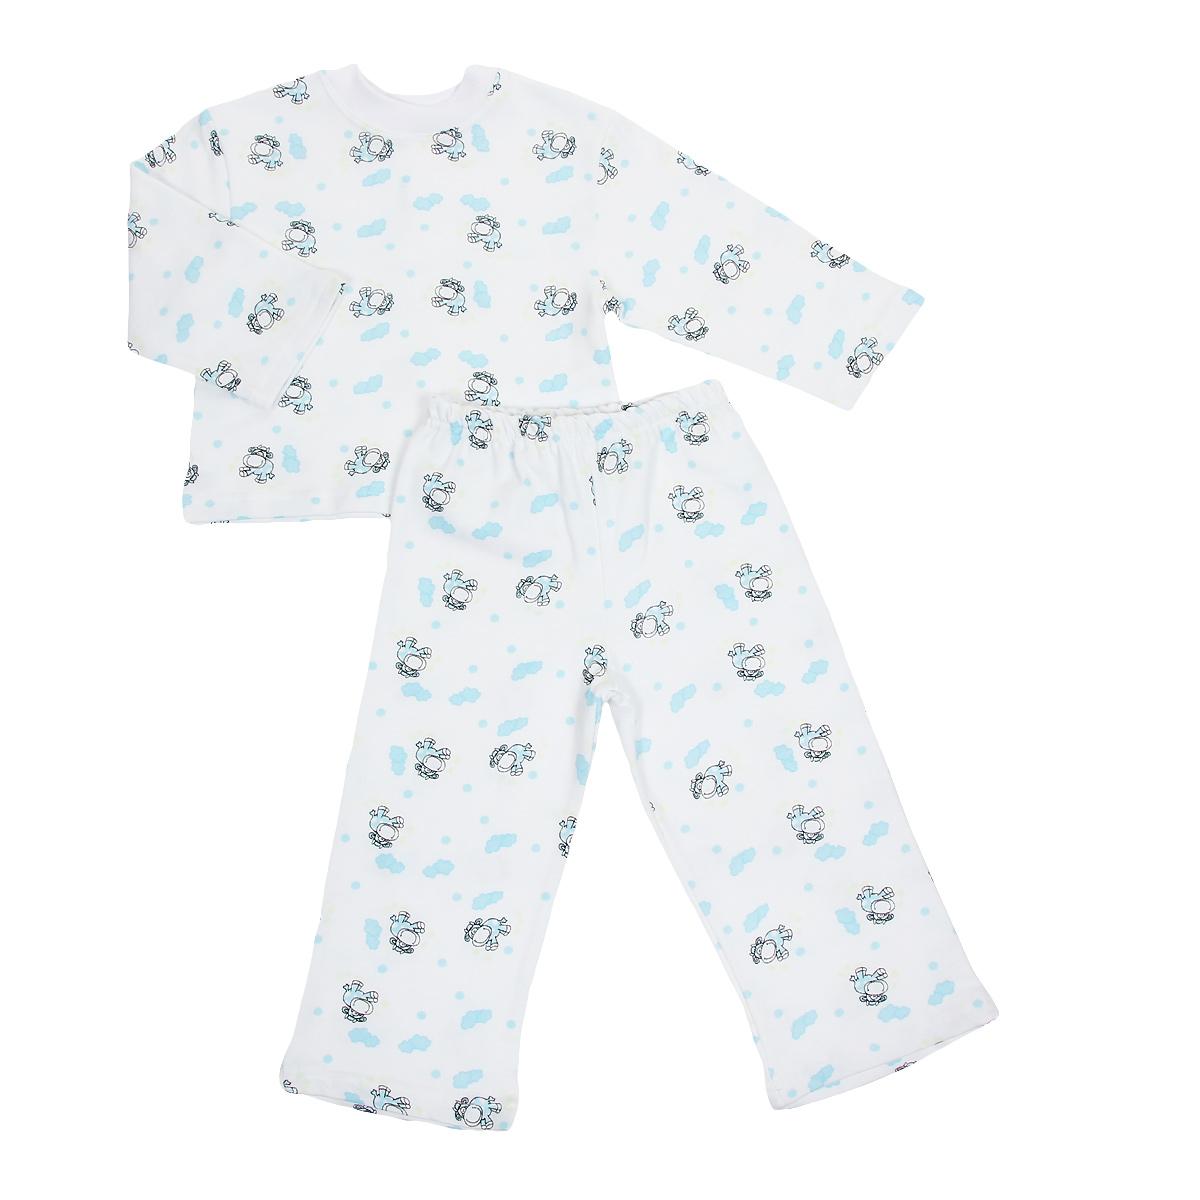 Пижама детская Трон-плюс, цвет: белый, голубой, рисунок коровы. 5553. Размер 80/86, 1-2 года5553Яркая детская пижама Трон-плюс, состоящая из кофточки и штанишек, идеально подойдет вашему малышу и станет отличным дополнением к детскому гардеробу. Теплая пижама, изготовленная из набивного футера - натурального хлопка, необычайно мягкая и легкая, не сковывает движения ребенка, позволяет коже дышать и не раздражает даже самую нежную и чувствительную кожу малыша. Кофта с длинными рукавами имеет круглый вырез горловины. Штанишки на удобной резинке не сдавливают животик ребенка и не сползают.В такой пижаме ваш ребенок будет чувствовать себя комфортно и уютно во время сна.